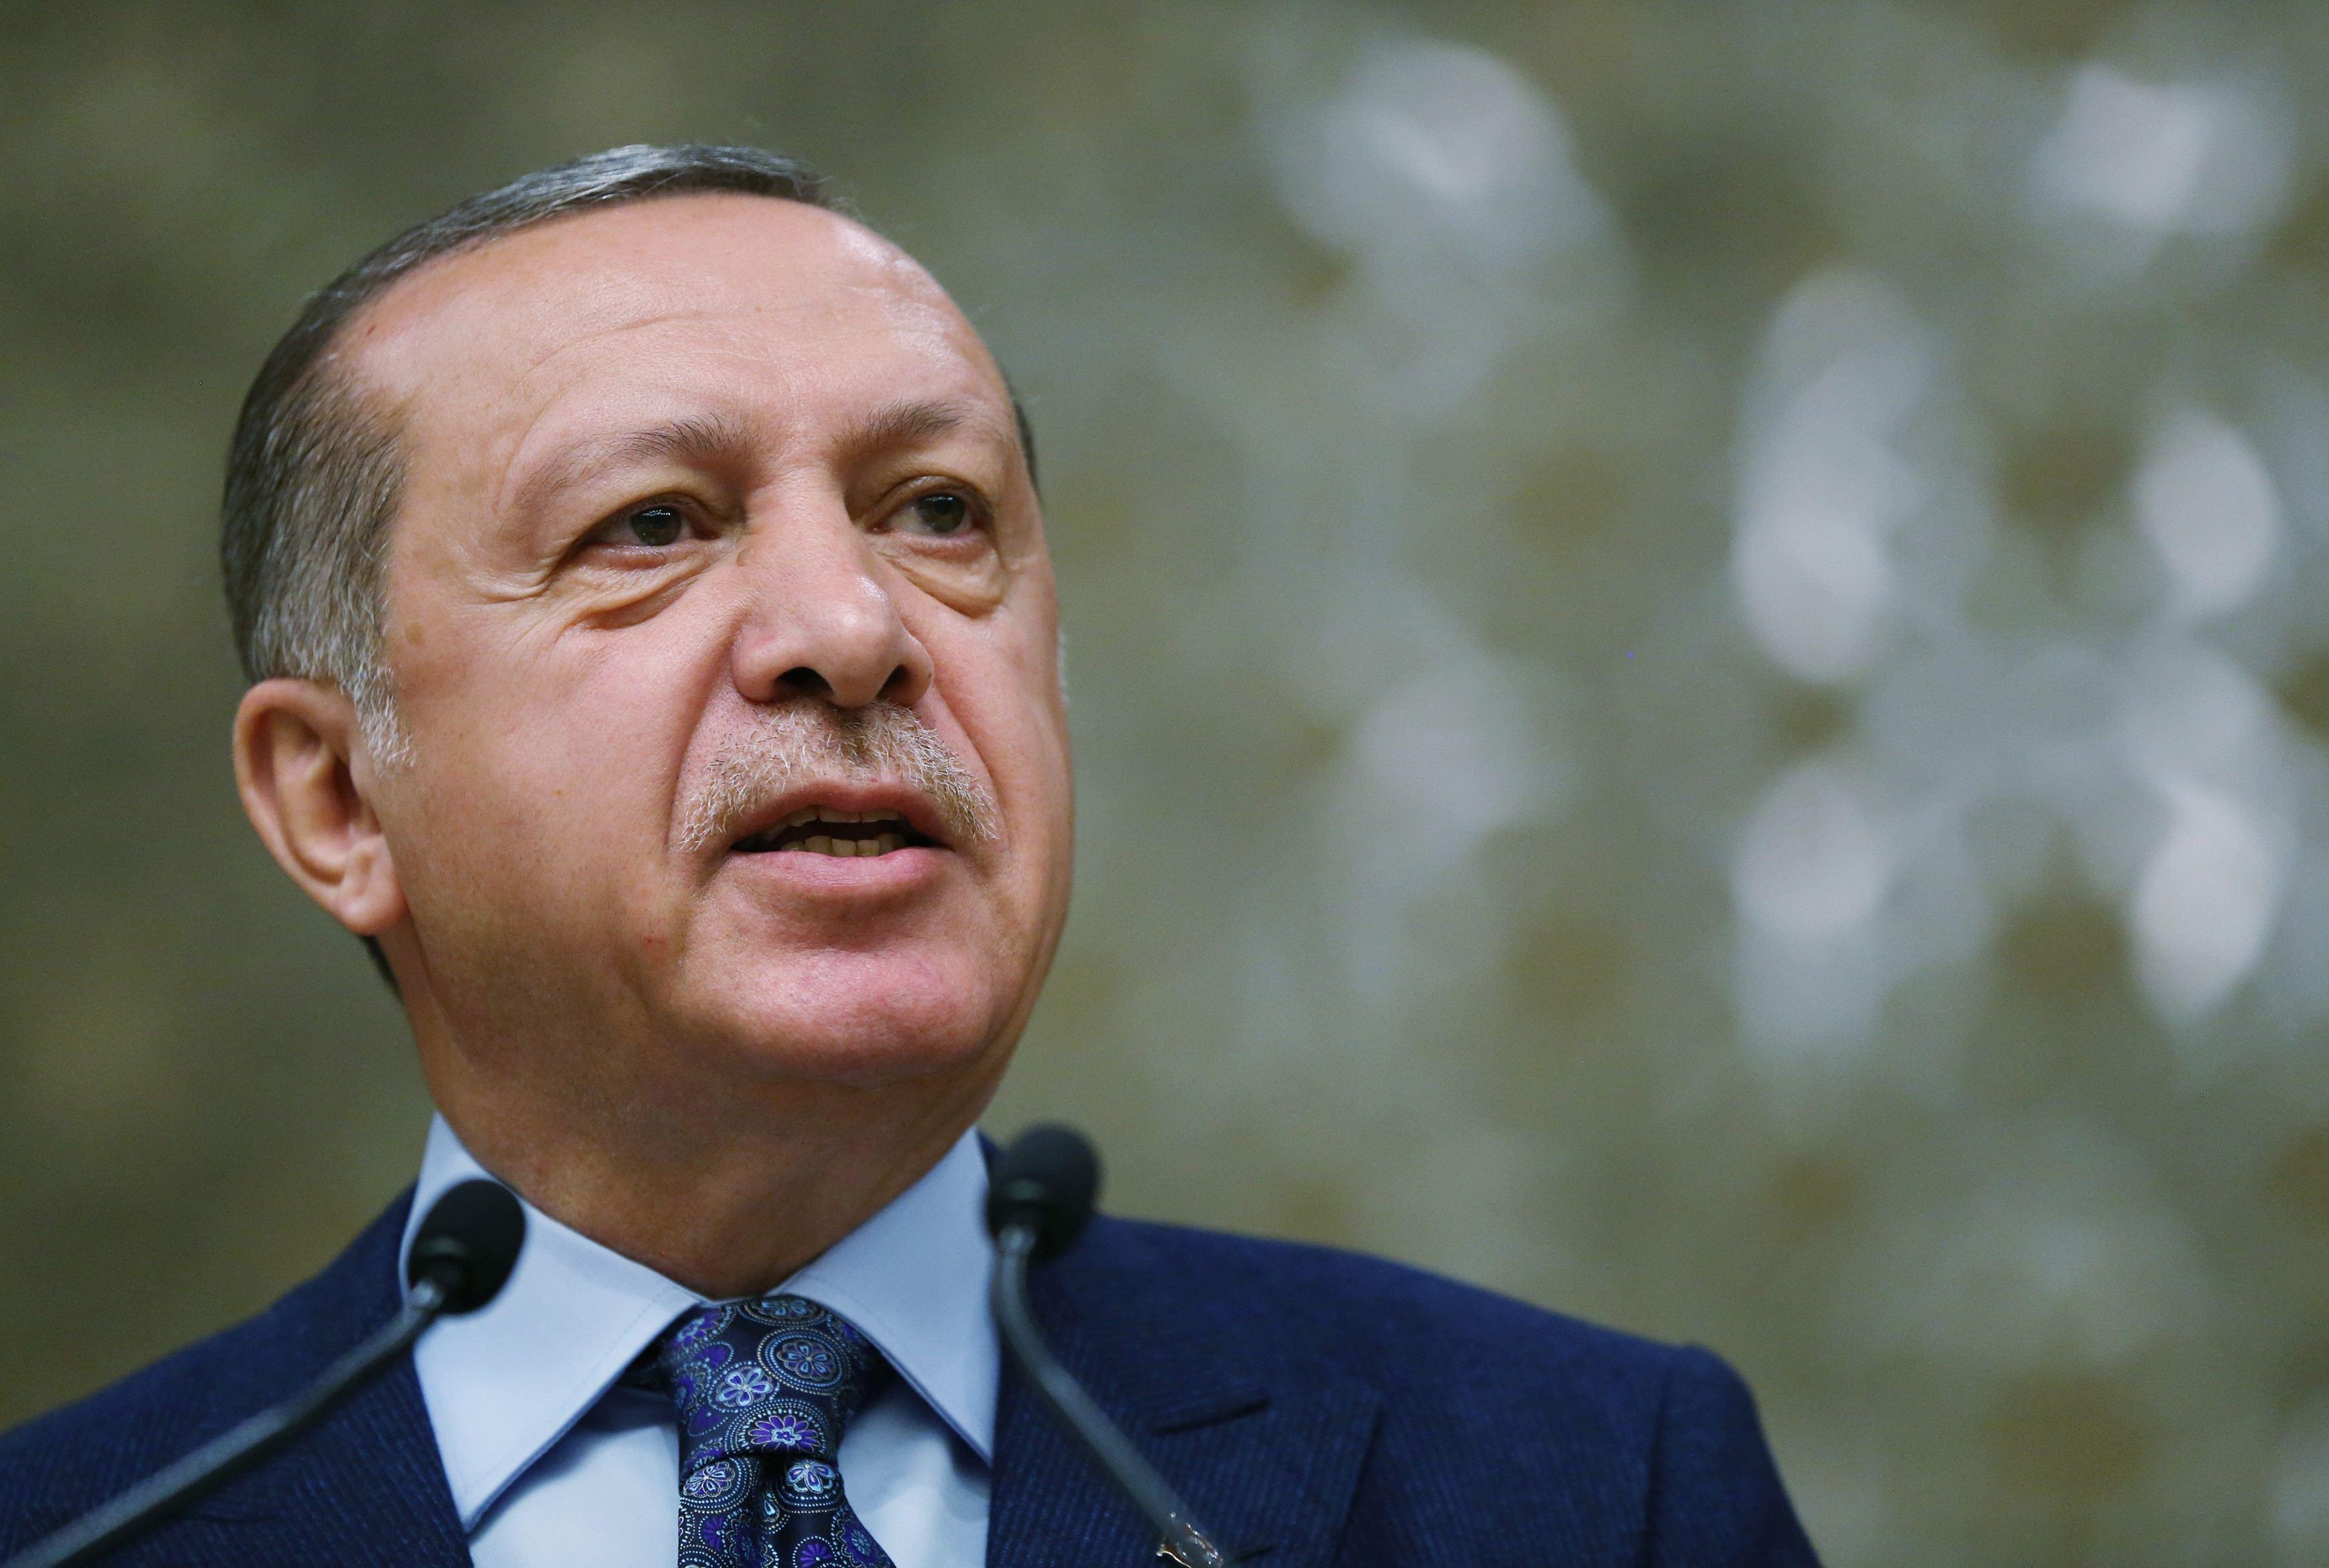 Recep Tayyip Erdogan: Relaţiile Turciei cu Berlinul se vor îmbunătăţi după alegerile germane